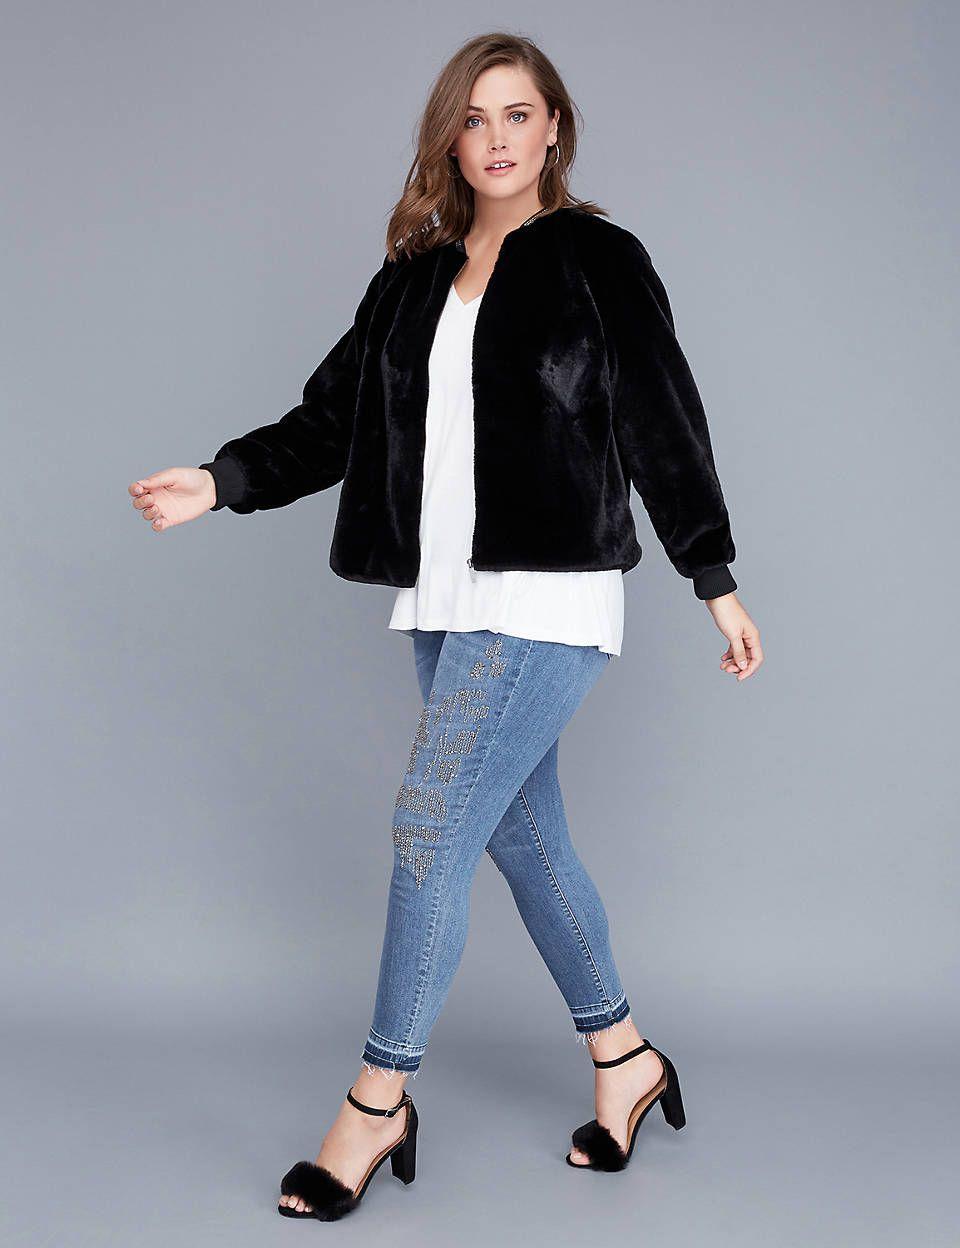 8f468604d3e Fast Lane Faux Fur Bomber Jacket with Embellished Neckline